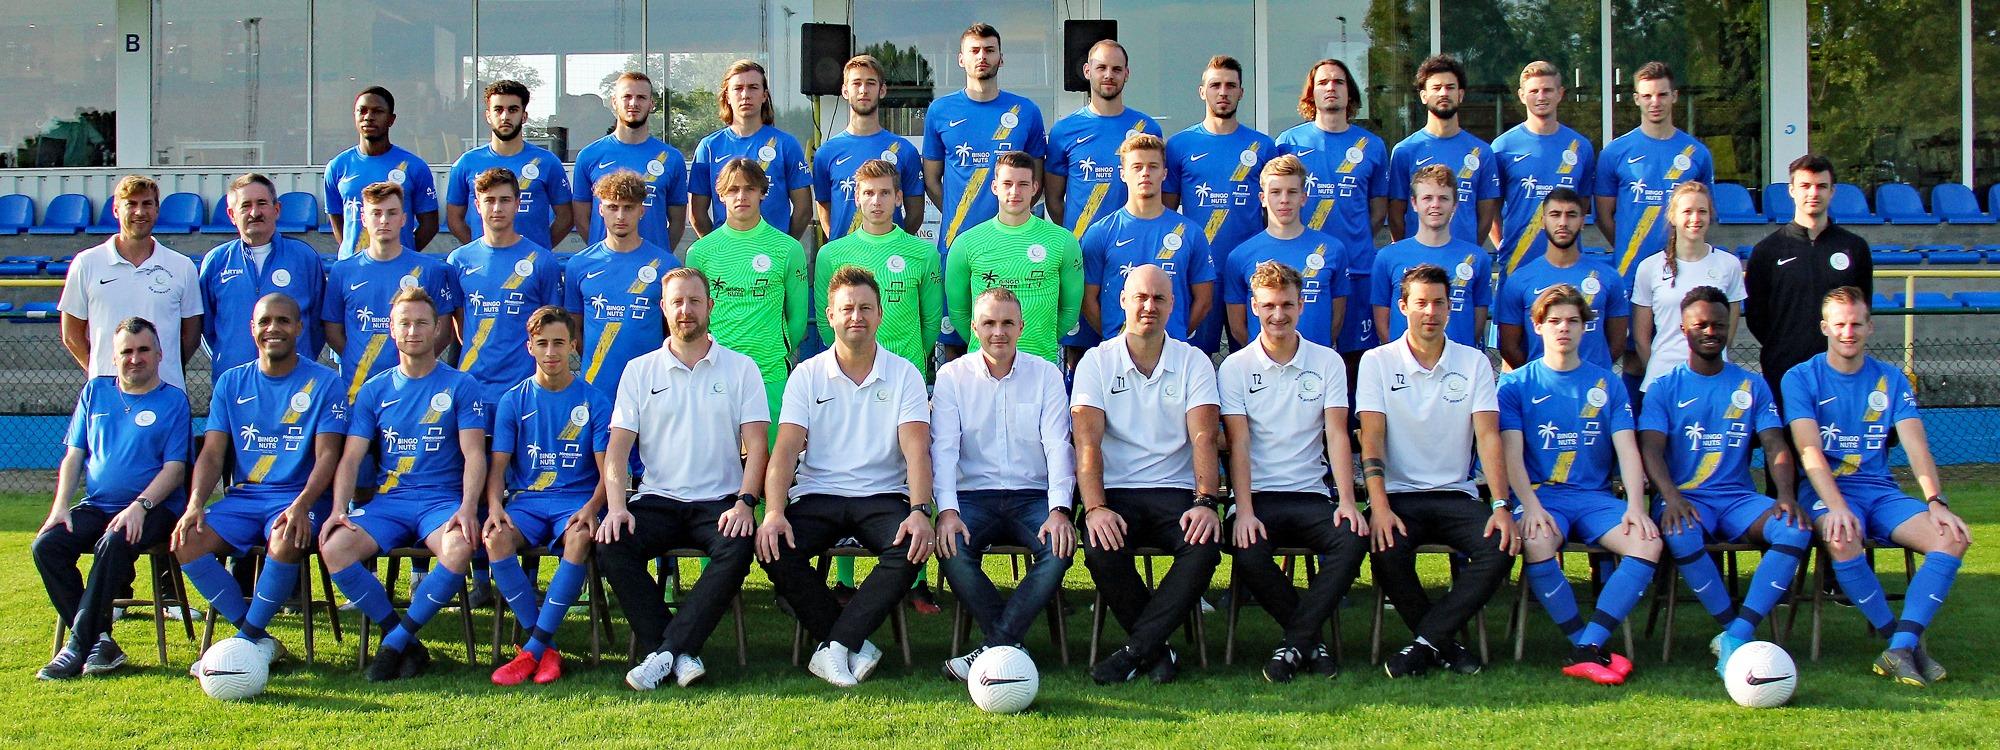 Sporting Kampenhout begint in de middenmoot